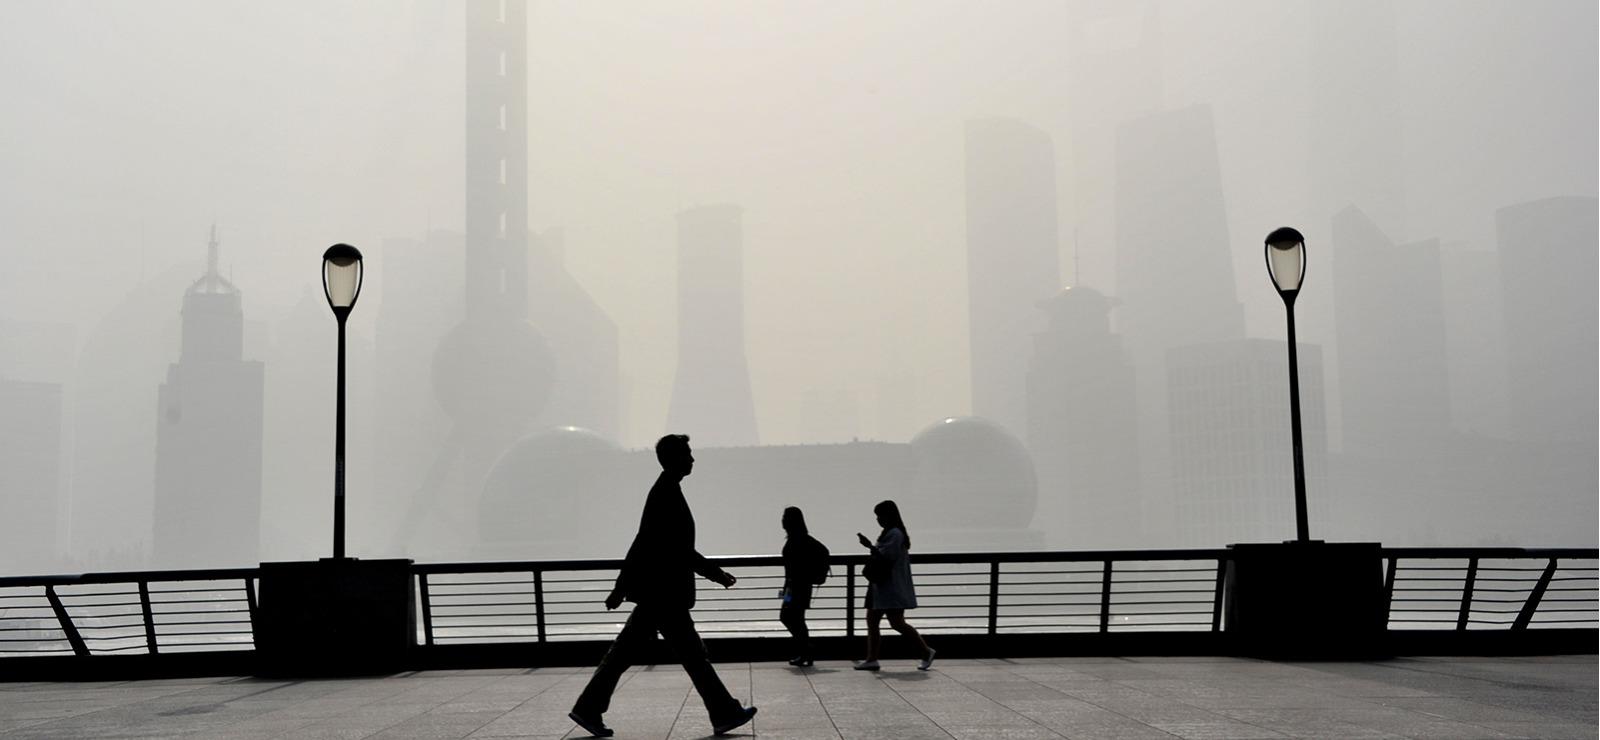 Le réchauffement climatique se produit plus vite que prévu